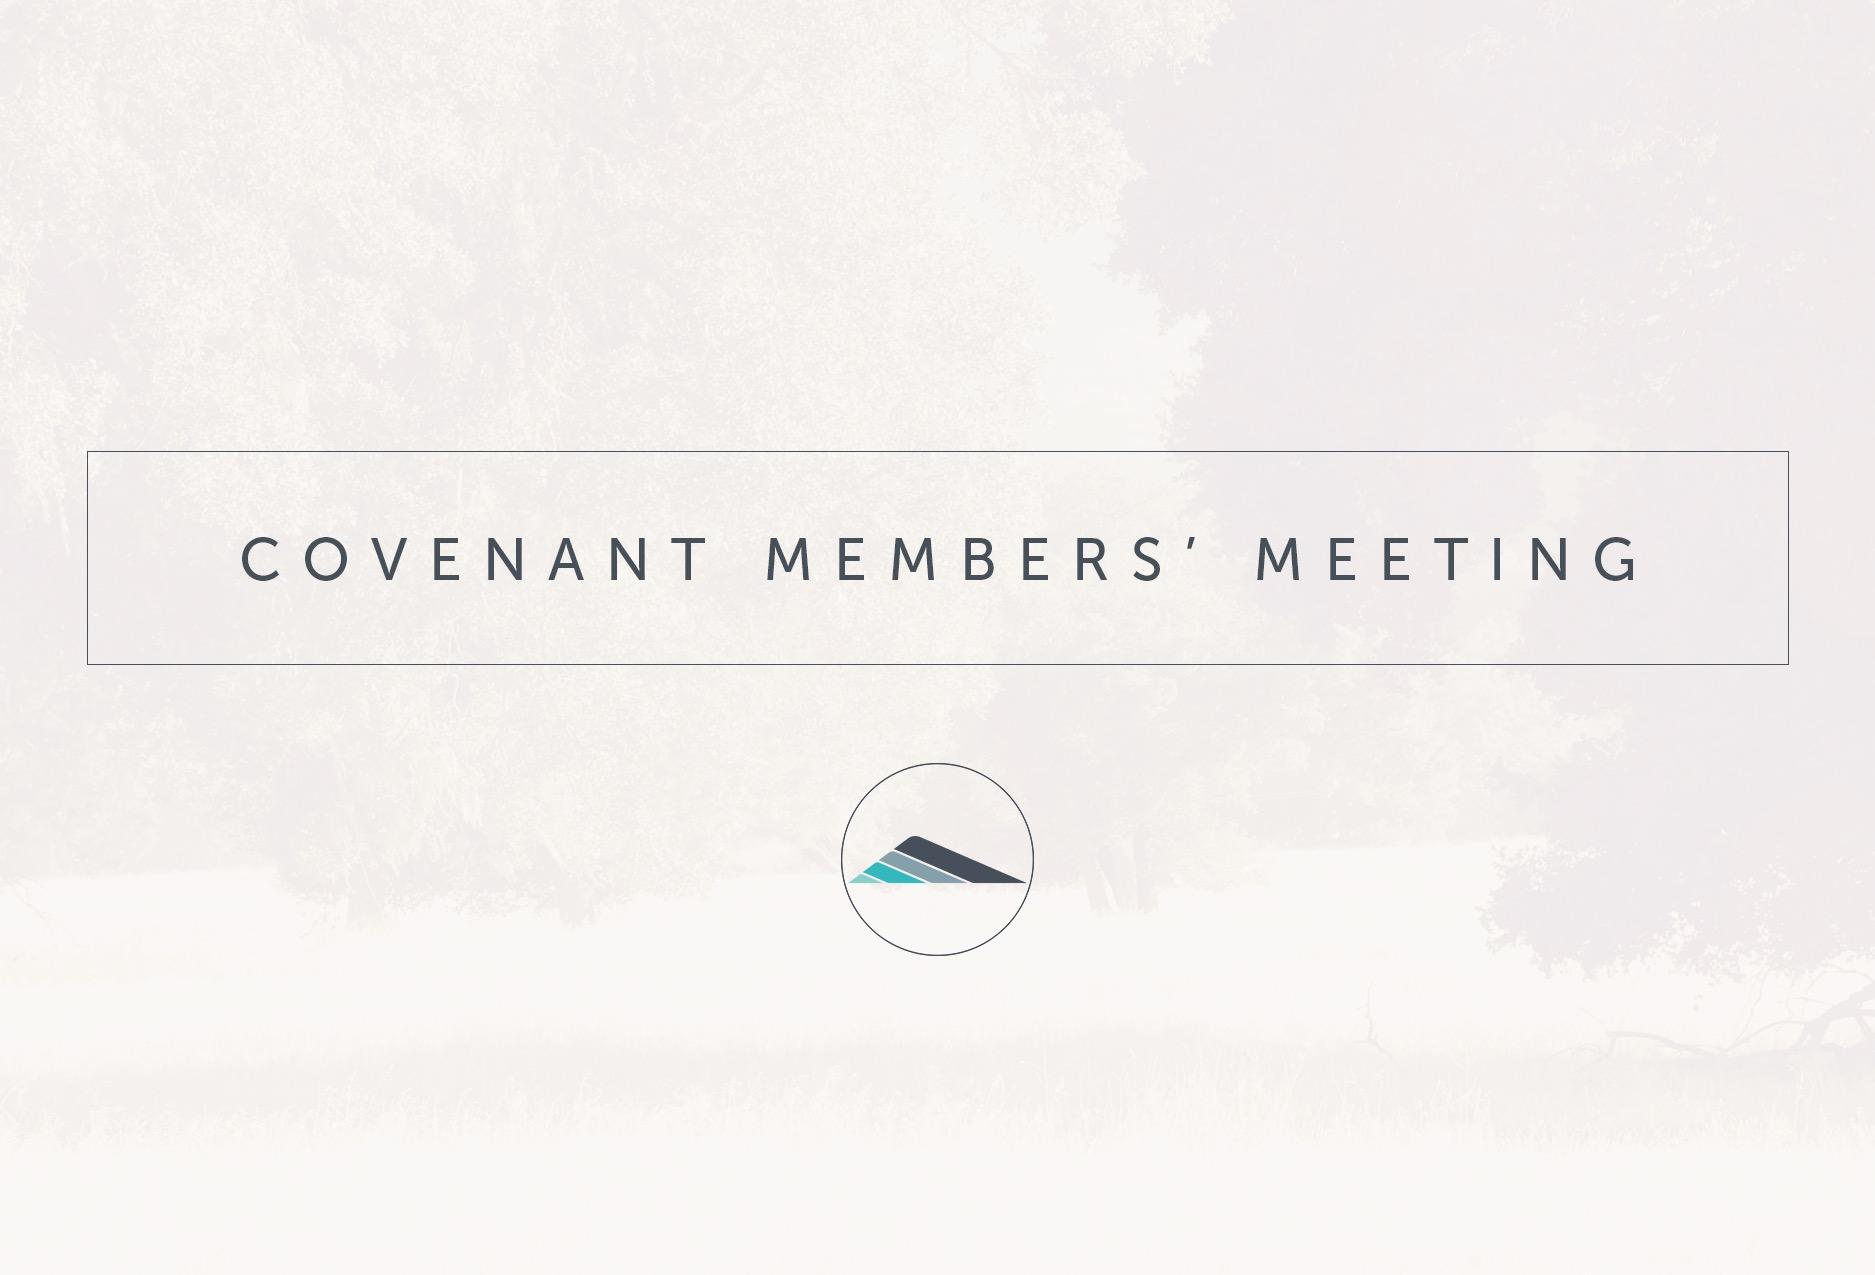 Members' Meeting graphic.jpg